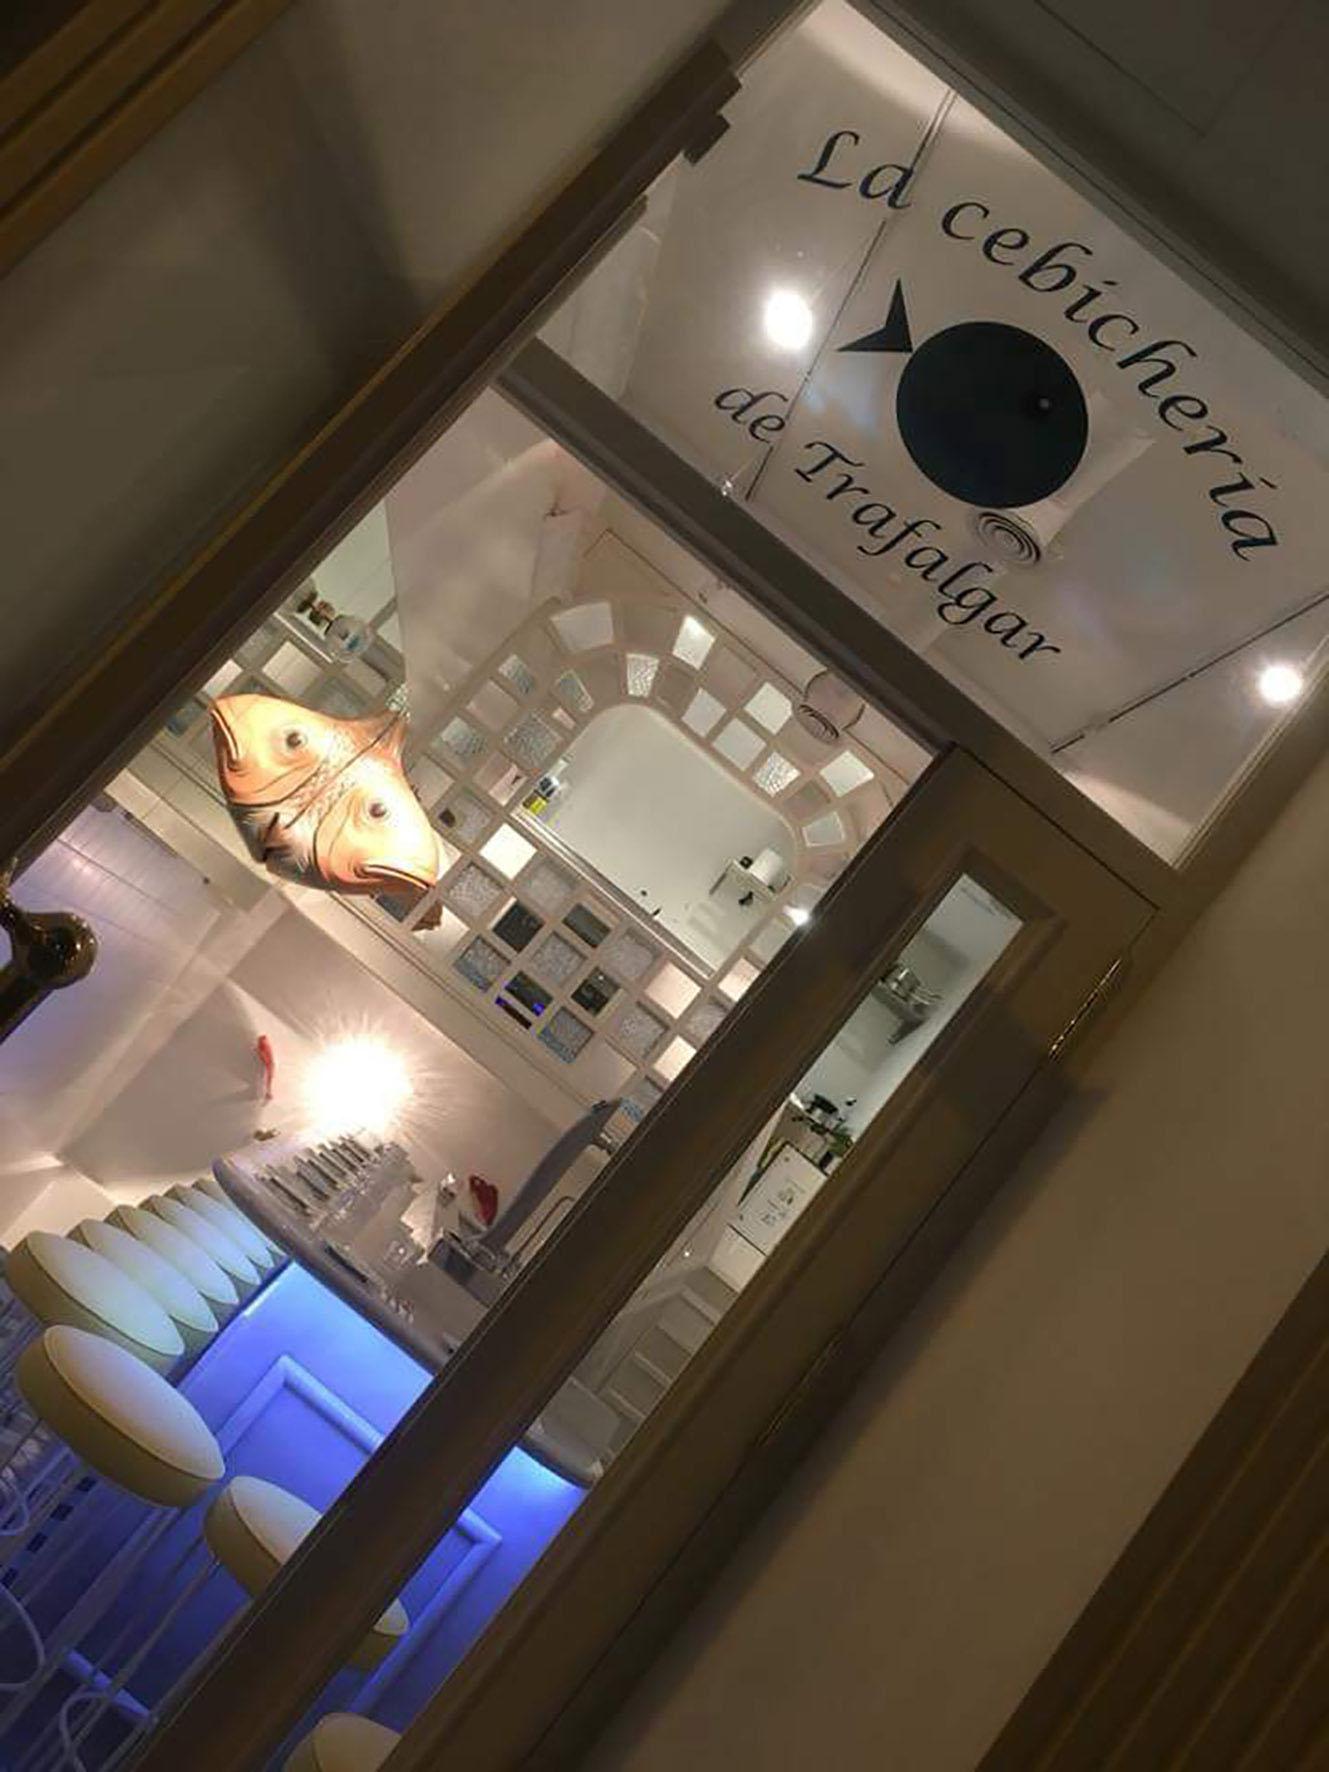 la-cebicheria-de-trafalgar-restaurante-proyectos-hosteleria-puesta-marcha-madrid-hosteleria-mobiliario-diseño-cocinas-decoracion